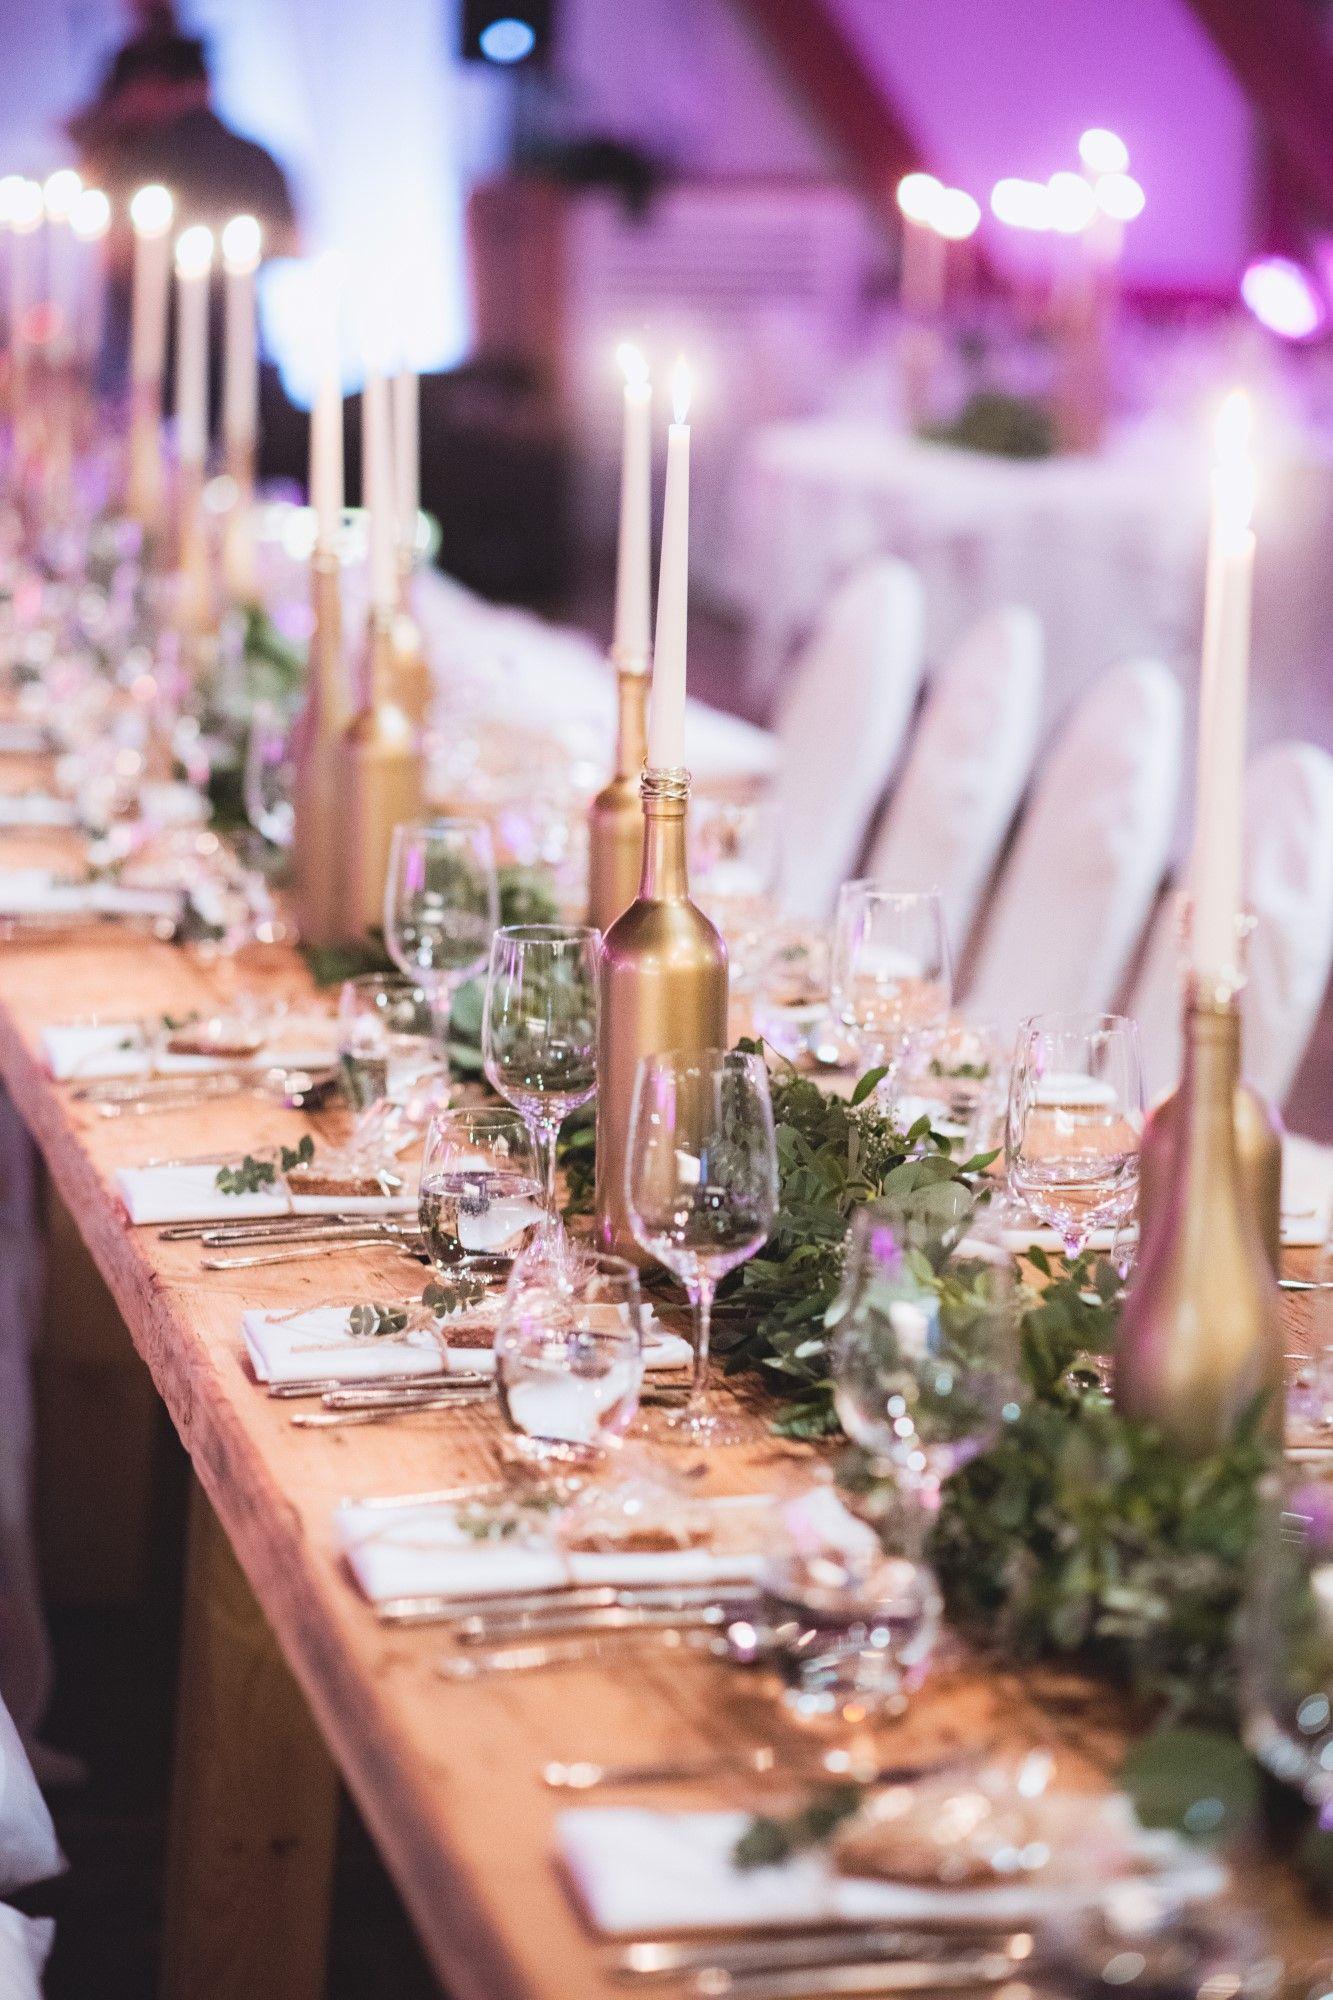 Hochzeitsdekoration Diy Vintage Gold Flaschen Jbhochzeitsfotografie Hochzeitsdekoration Herz Hochzeit Hochzeitsdeko